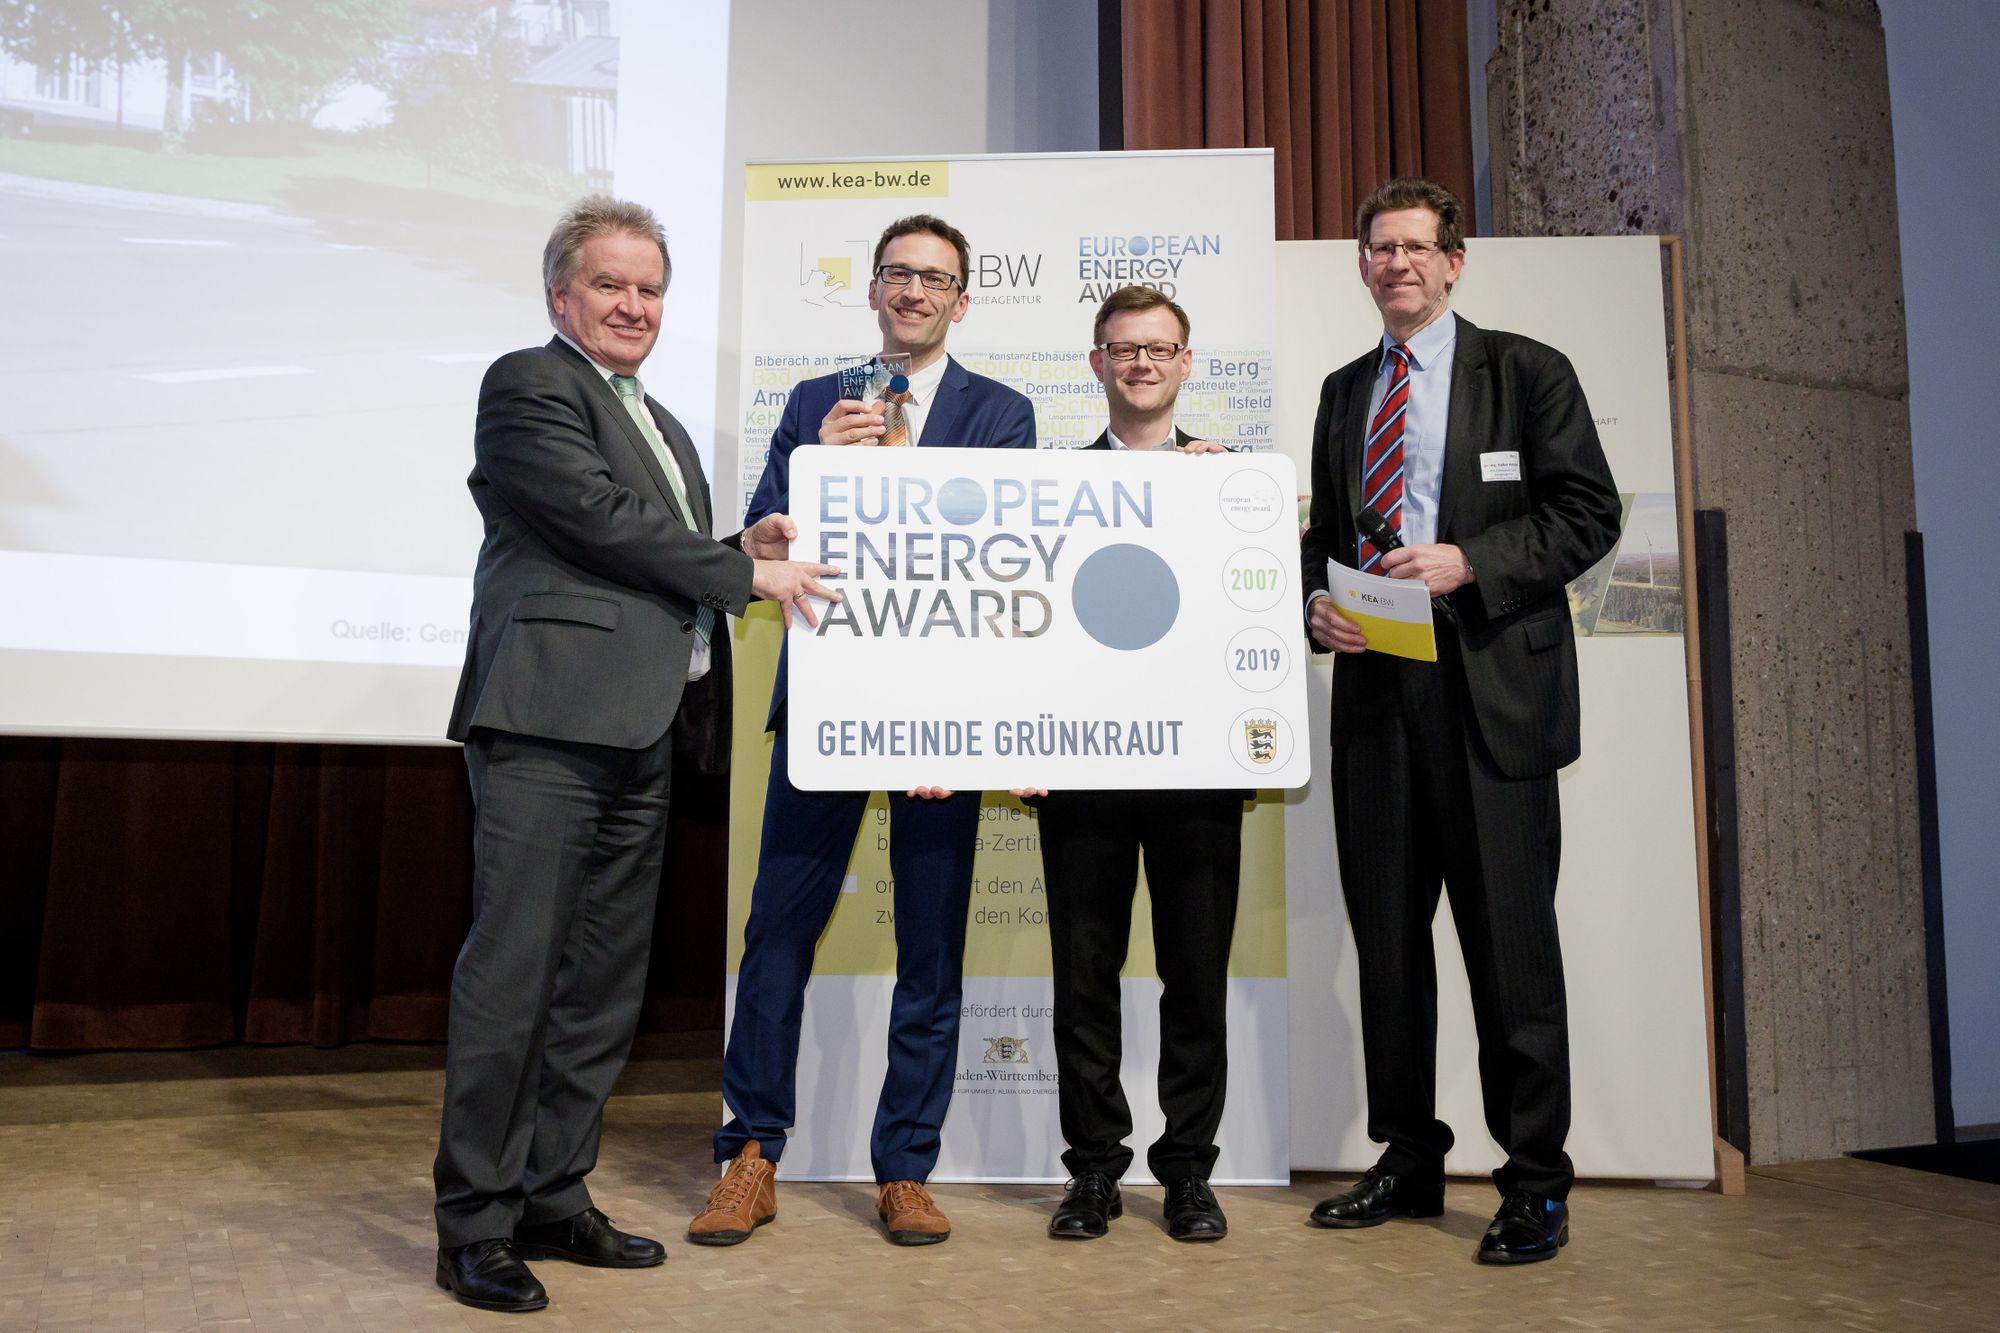 Von links nach rechts: Umweltminister Franz Untersteller, Bürgermeister Holger Lehr und Dr. Volker Kienzlen